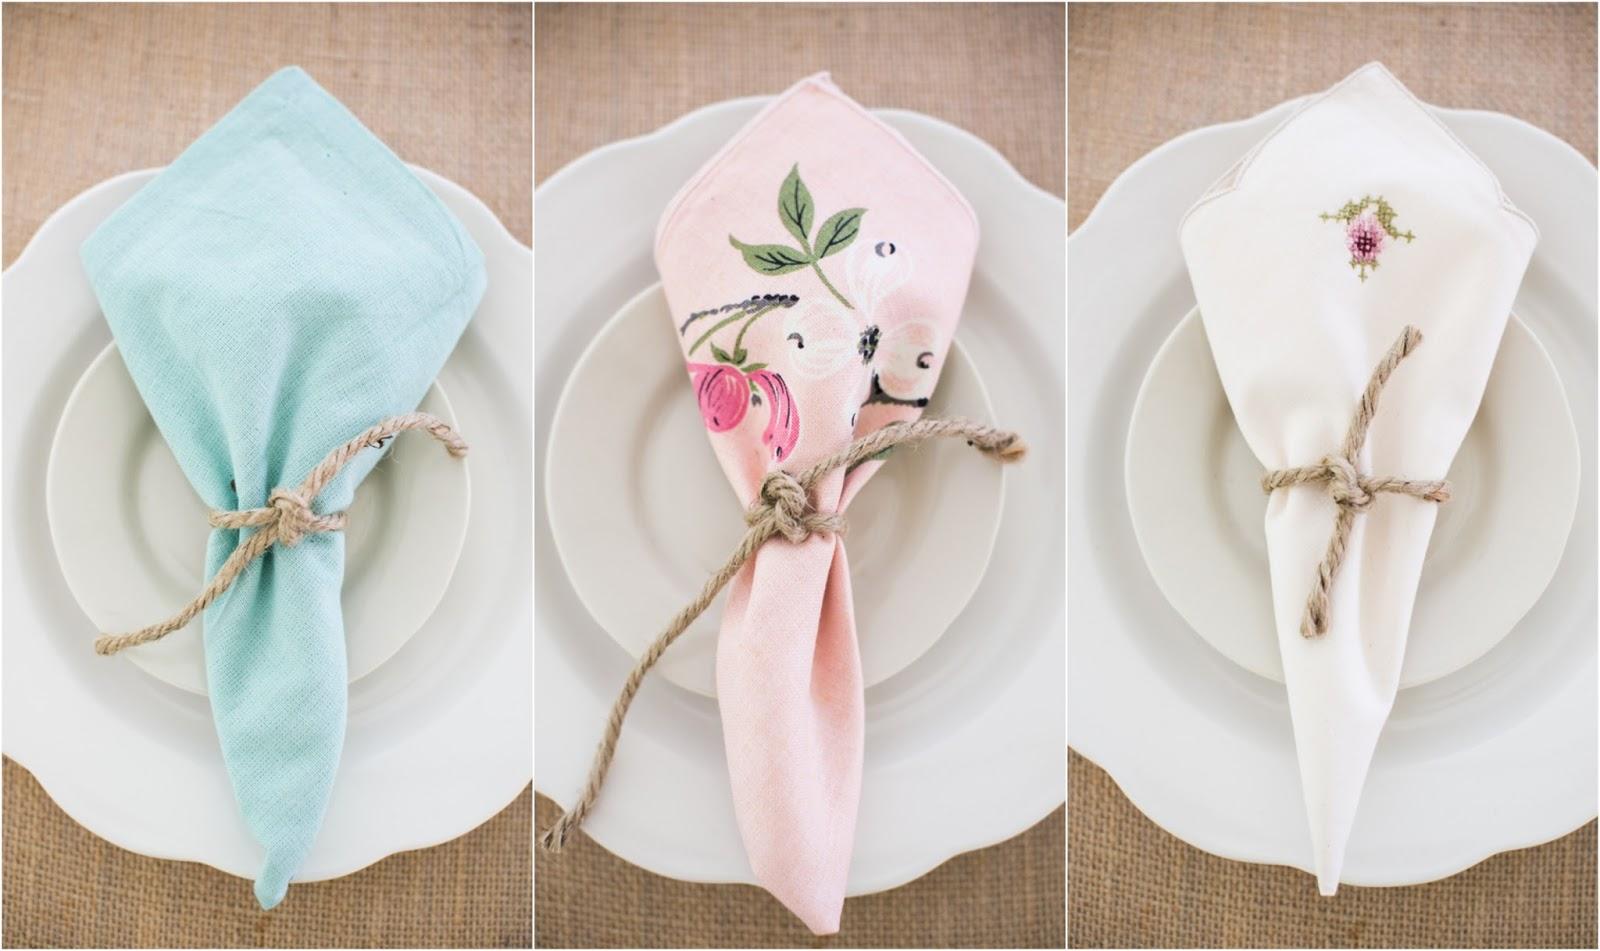 id et photo d coration mariage photos decor de serviettes de table de mariage. Black Bedroom Furniture Sets. Home Design Ideas